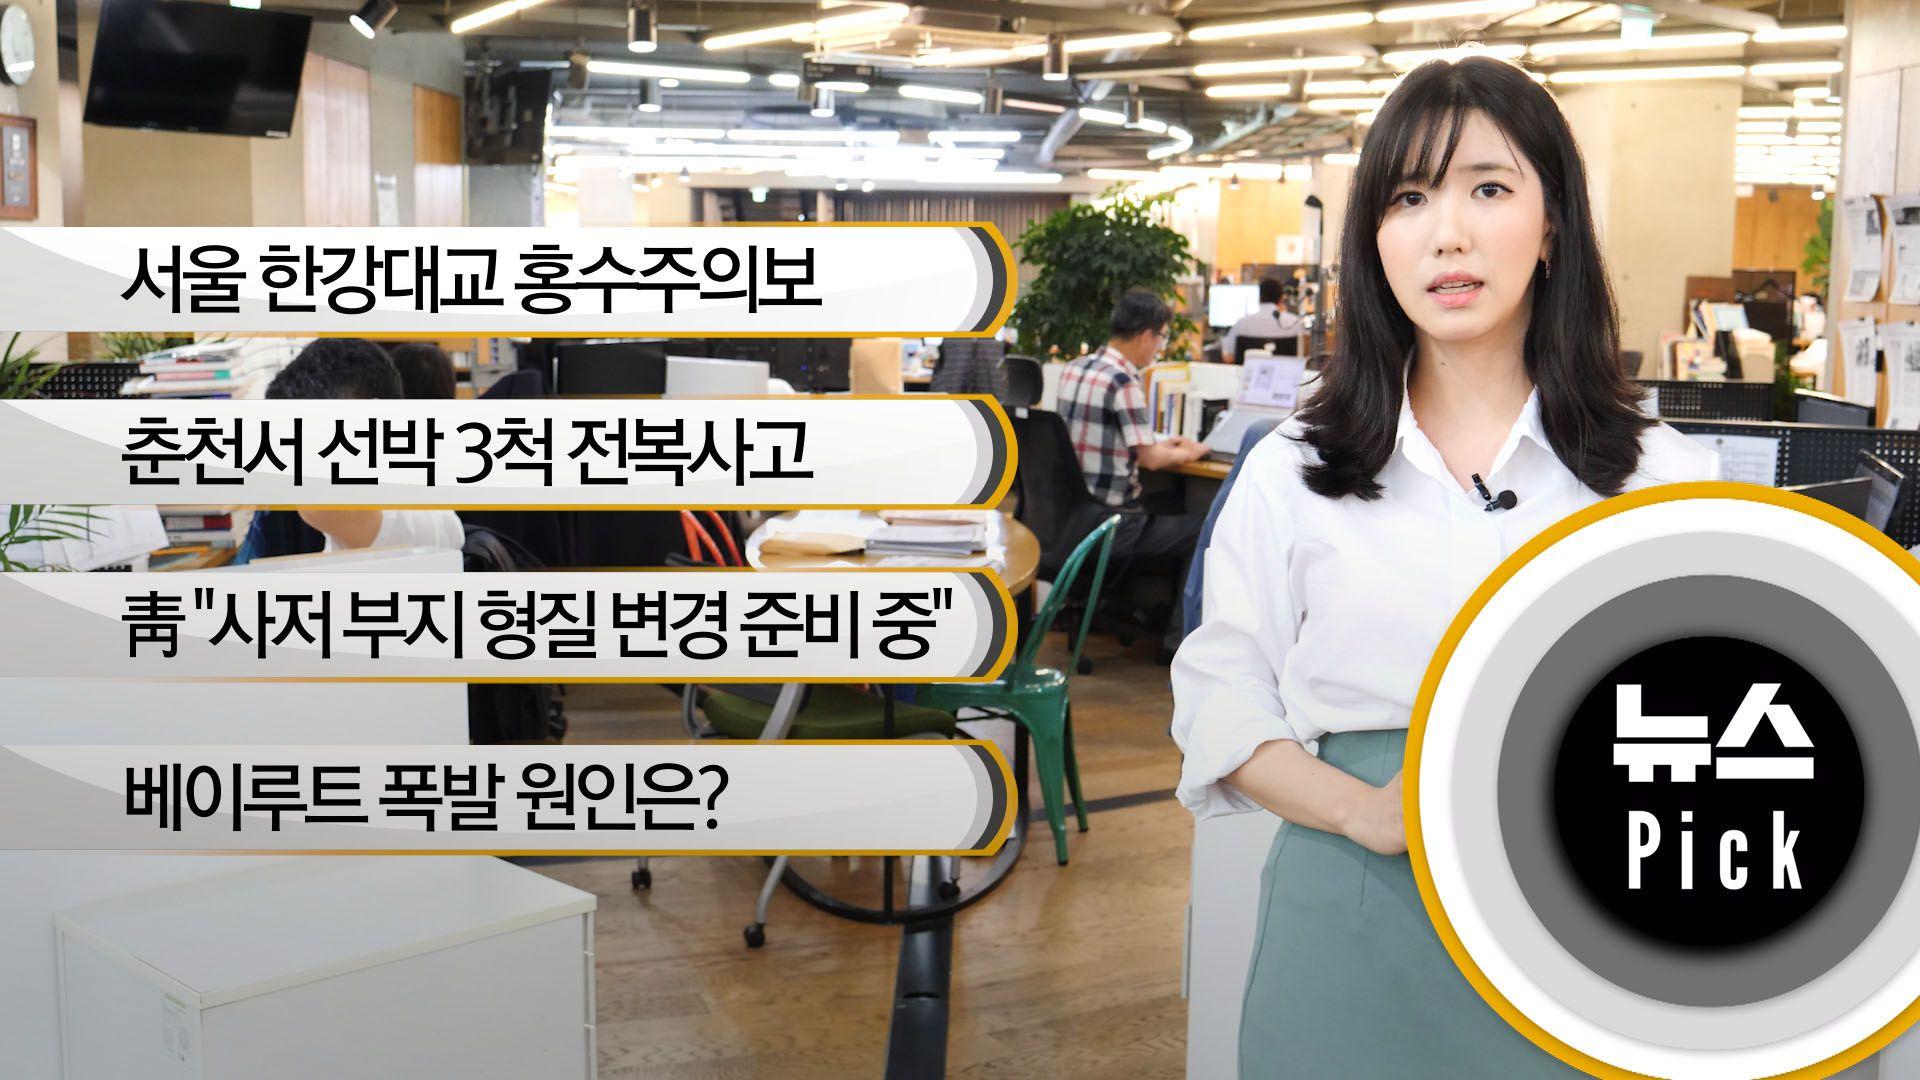 [뉴스픽] 서울 한강대교 홍수주의보…교통 통제 7일까지 이어질 듯